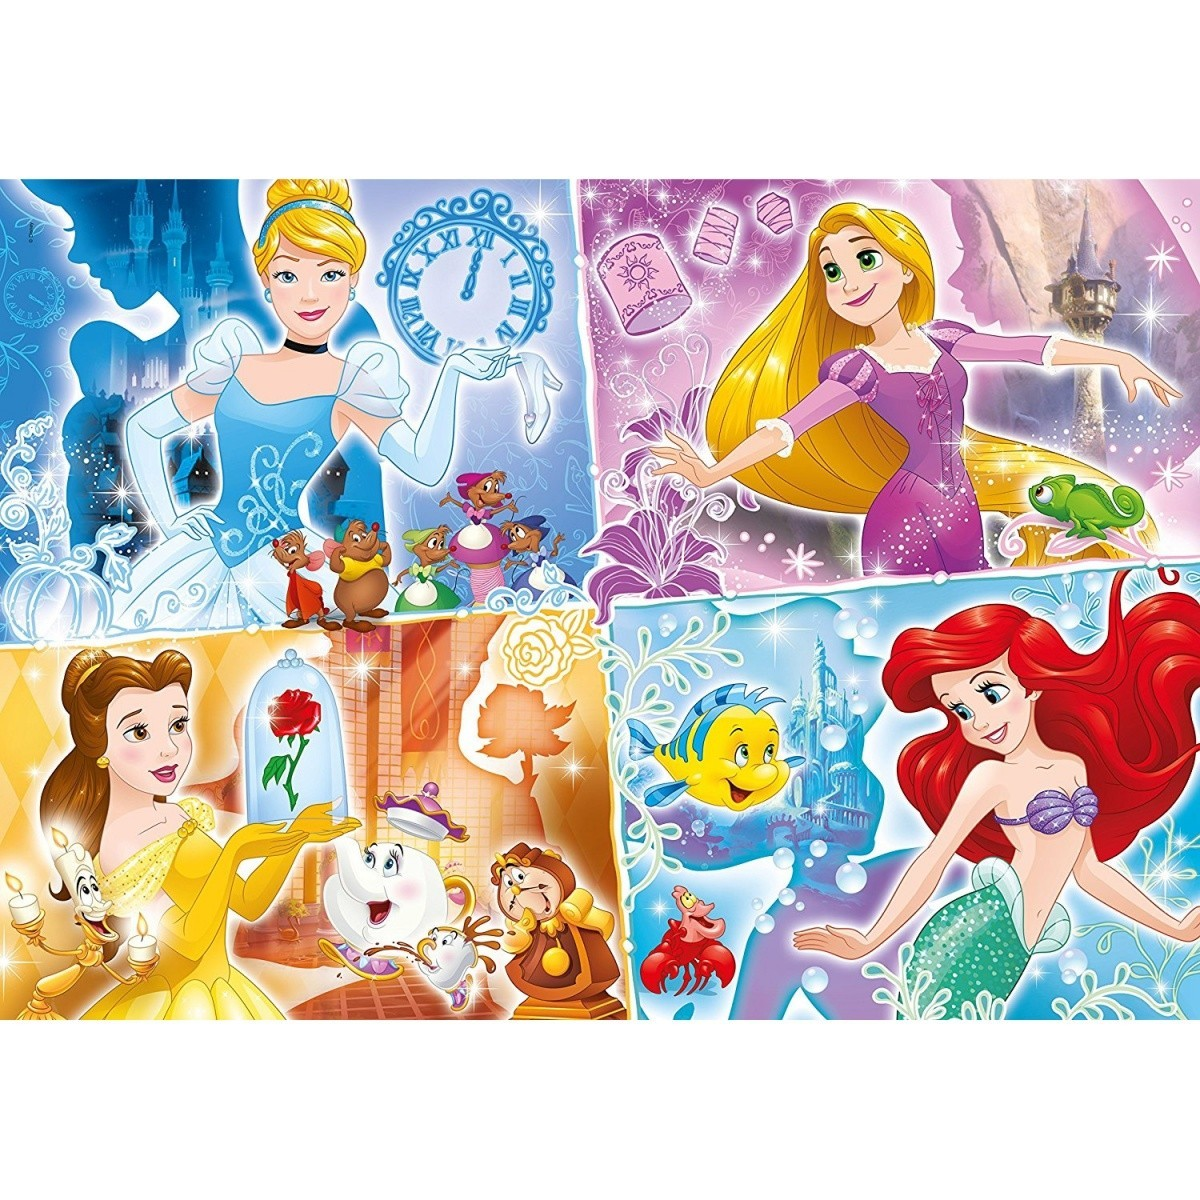 Puzzle Xxl Pieces Disney Princess Clementoni 23703 104